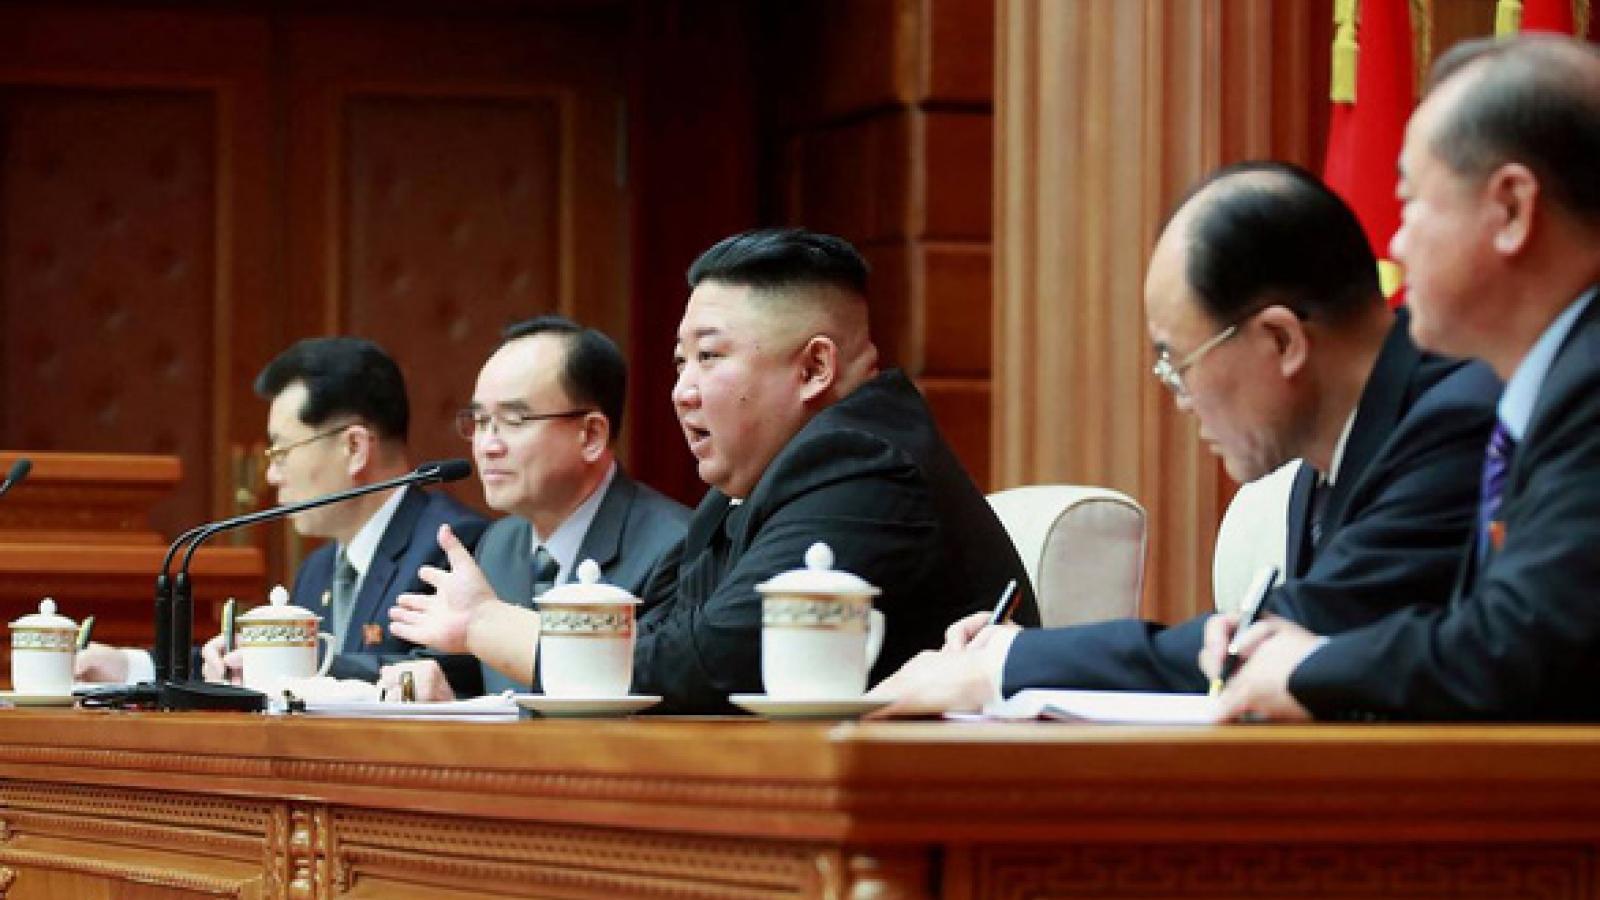 Báo hiệu thay đổi lớn trong chính sách của Mỹ đối với Triều Tiên từ chi tiết nhỏ